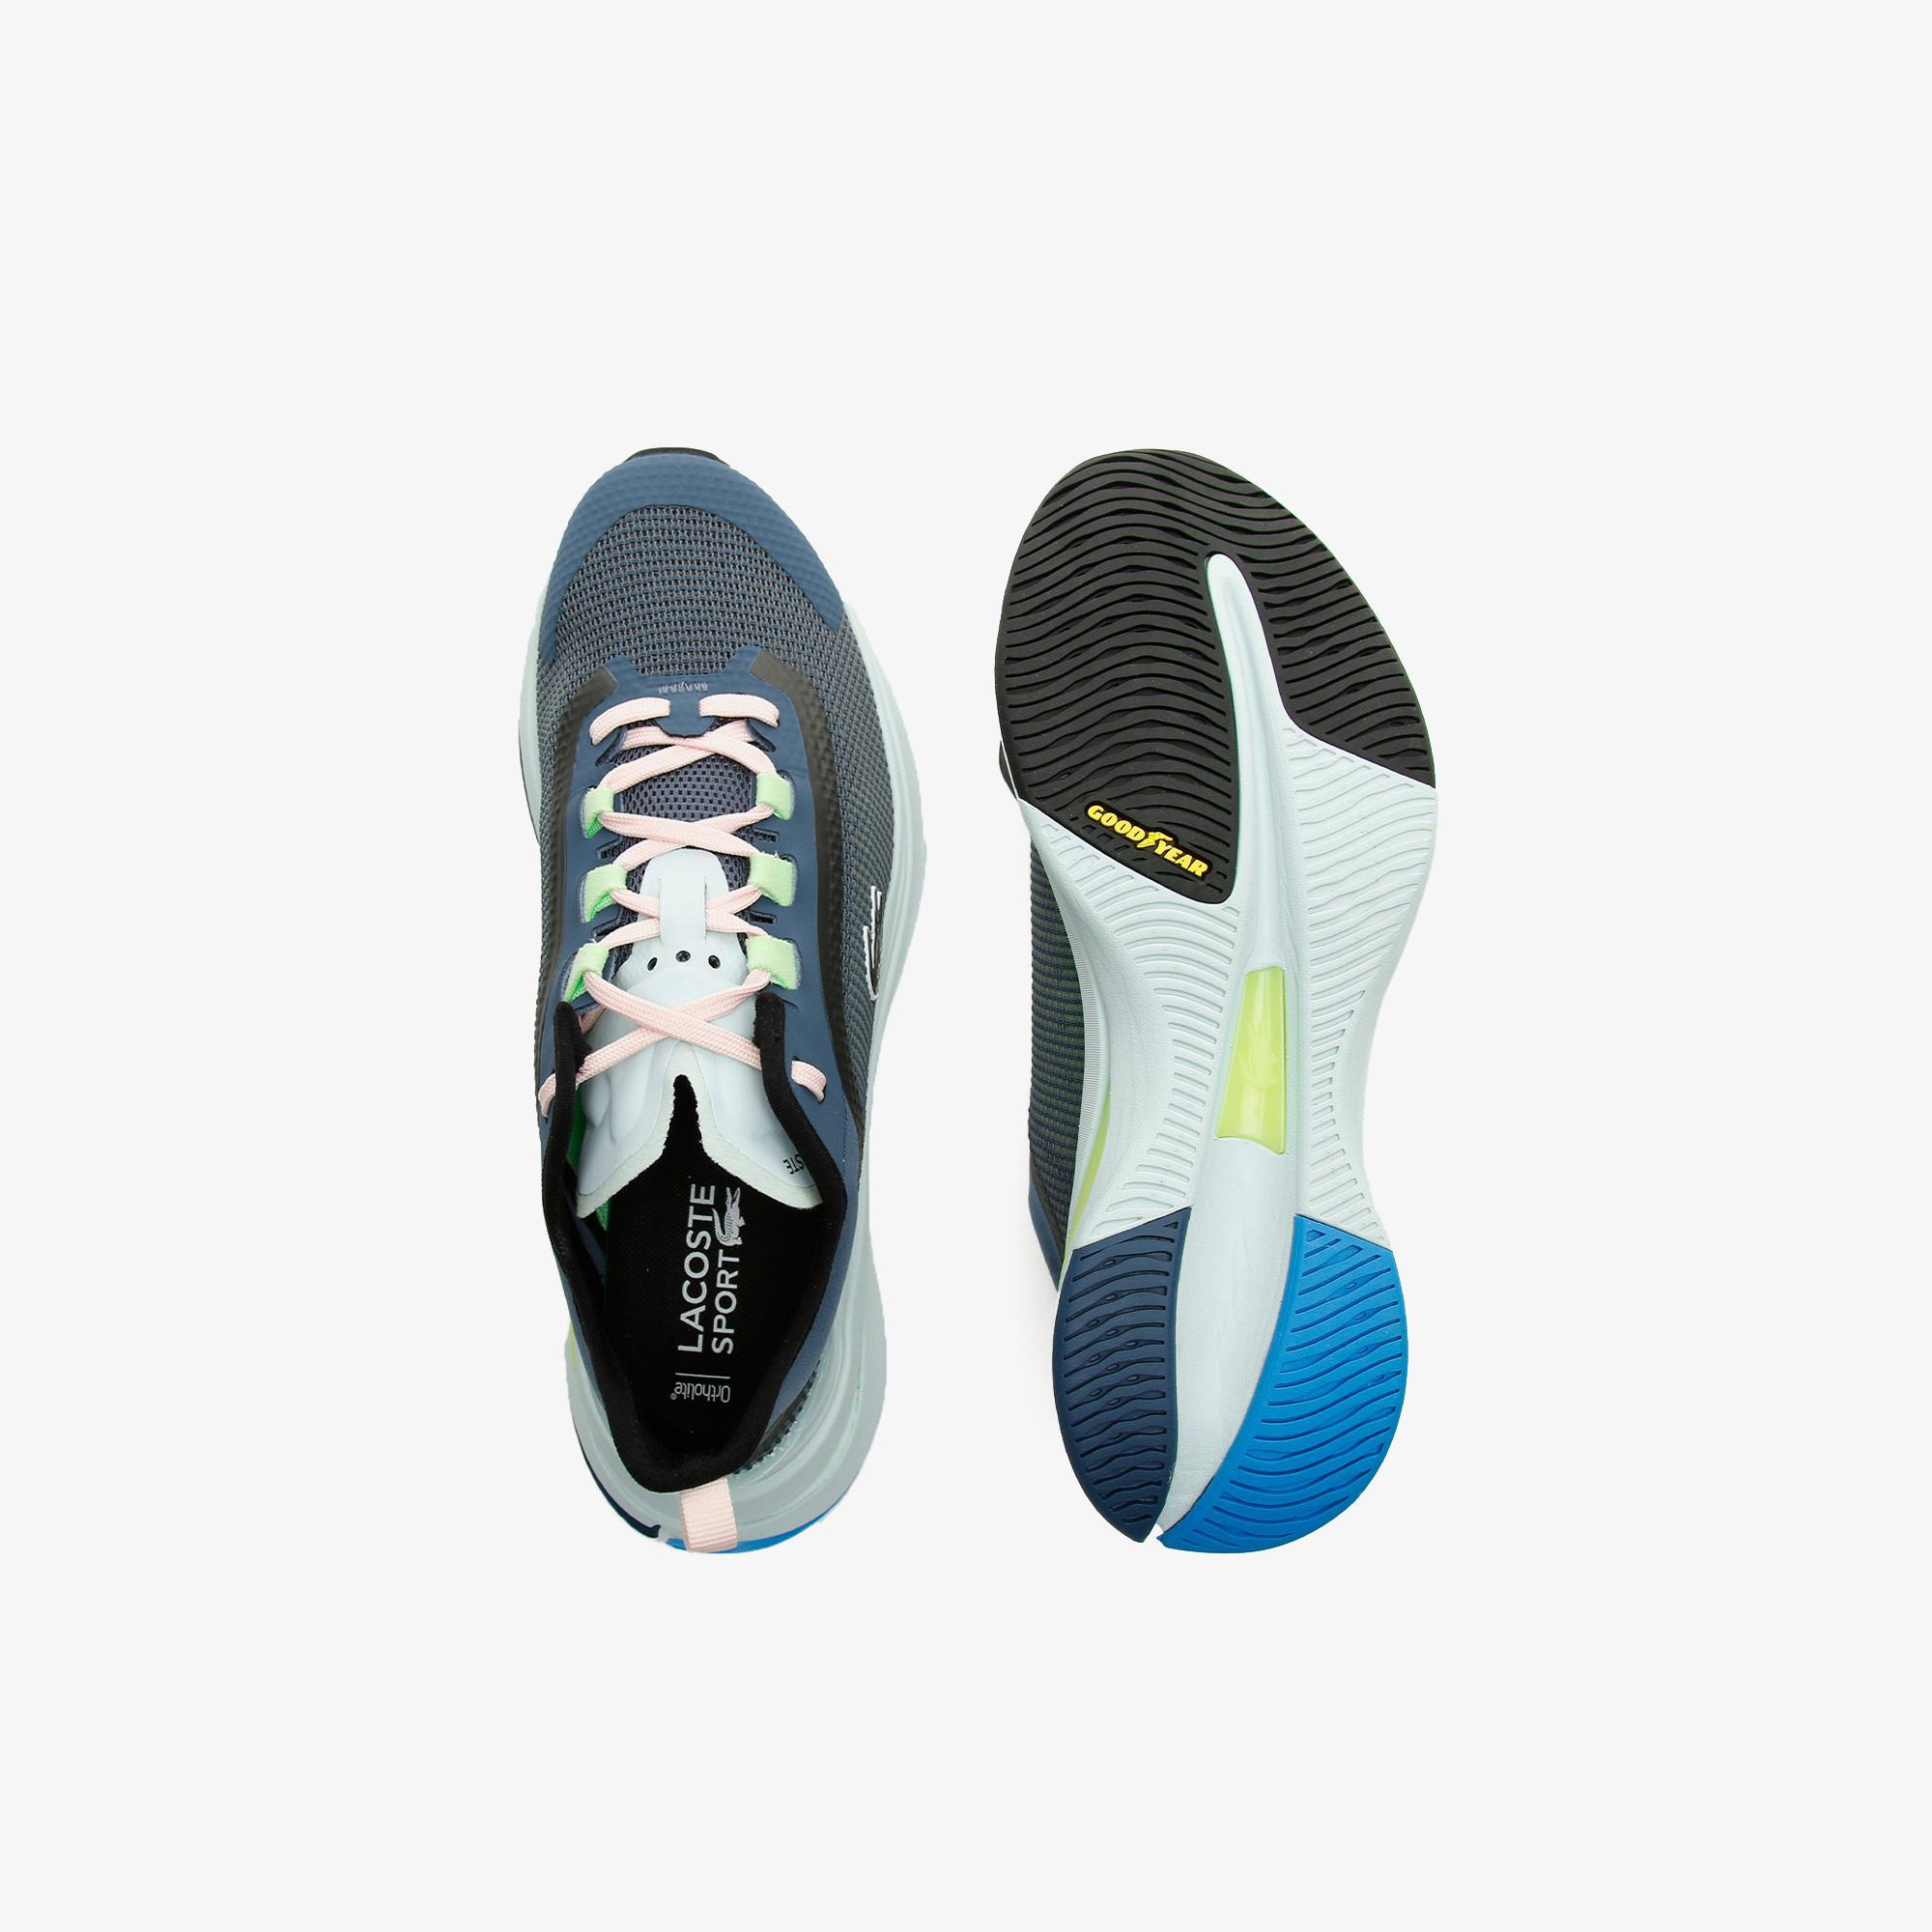 Lacoste Run Spin Ultra 0921 1 Sfa Kadın Siyah - Mavi Sneaker